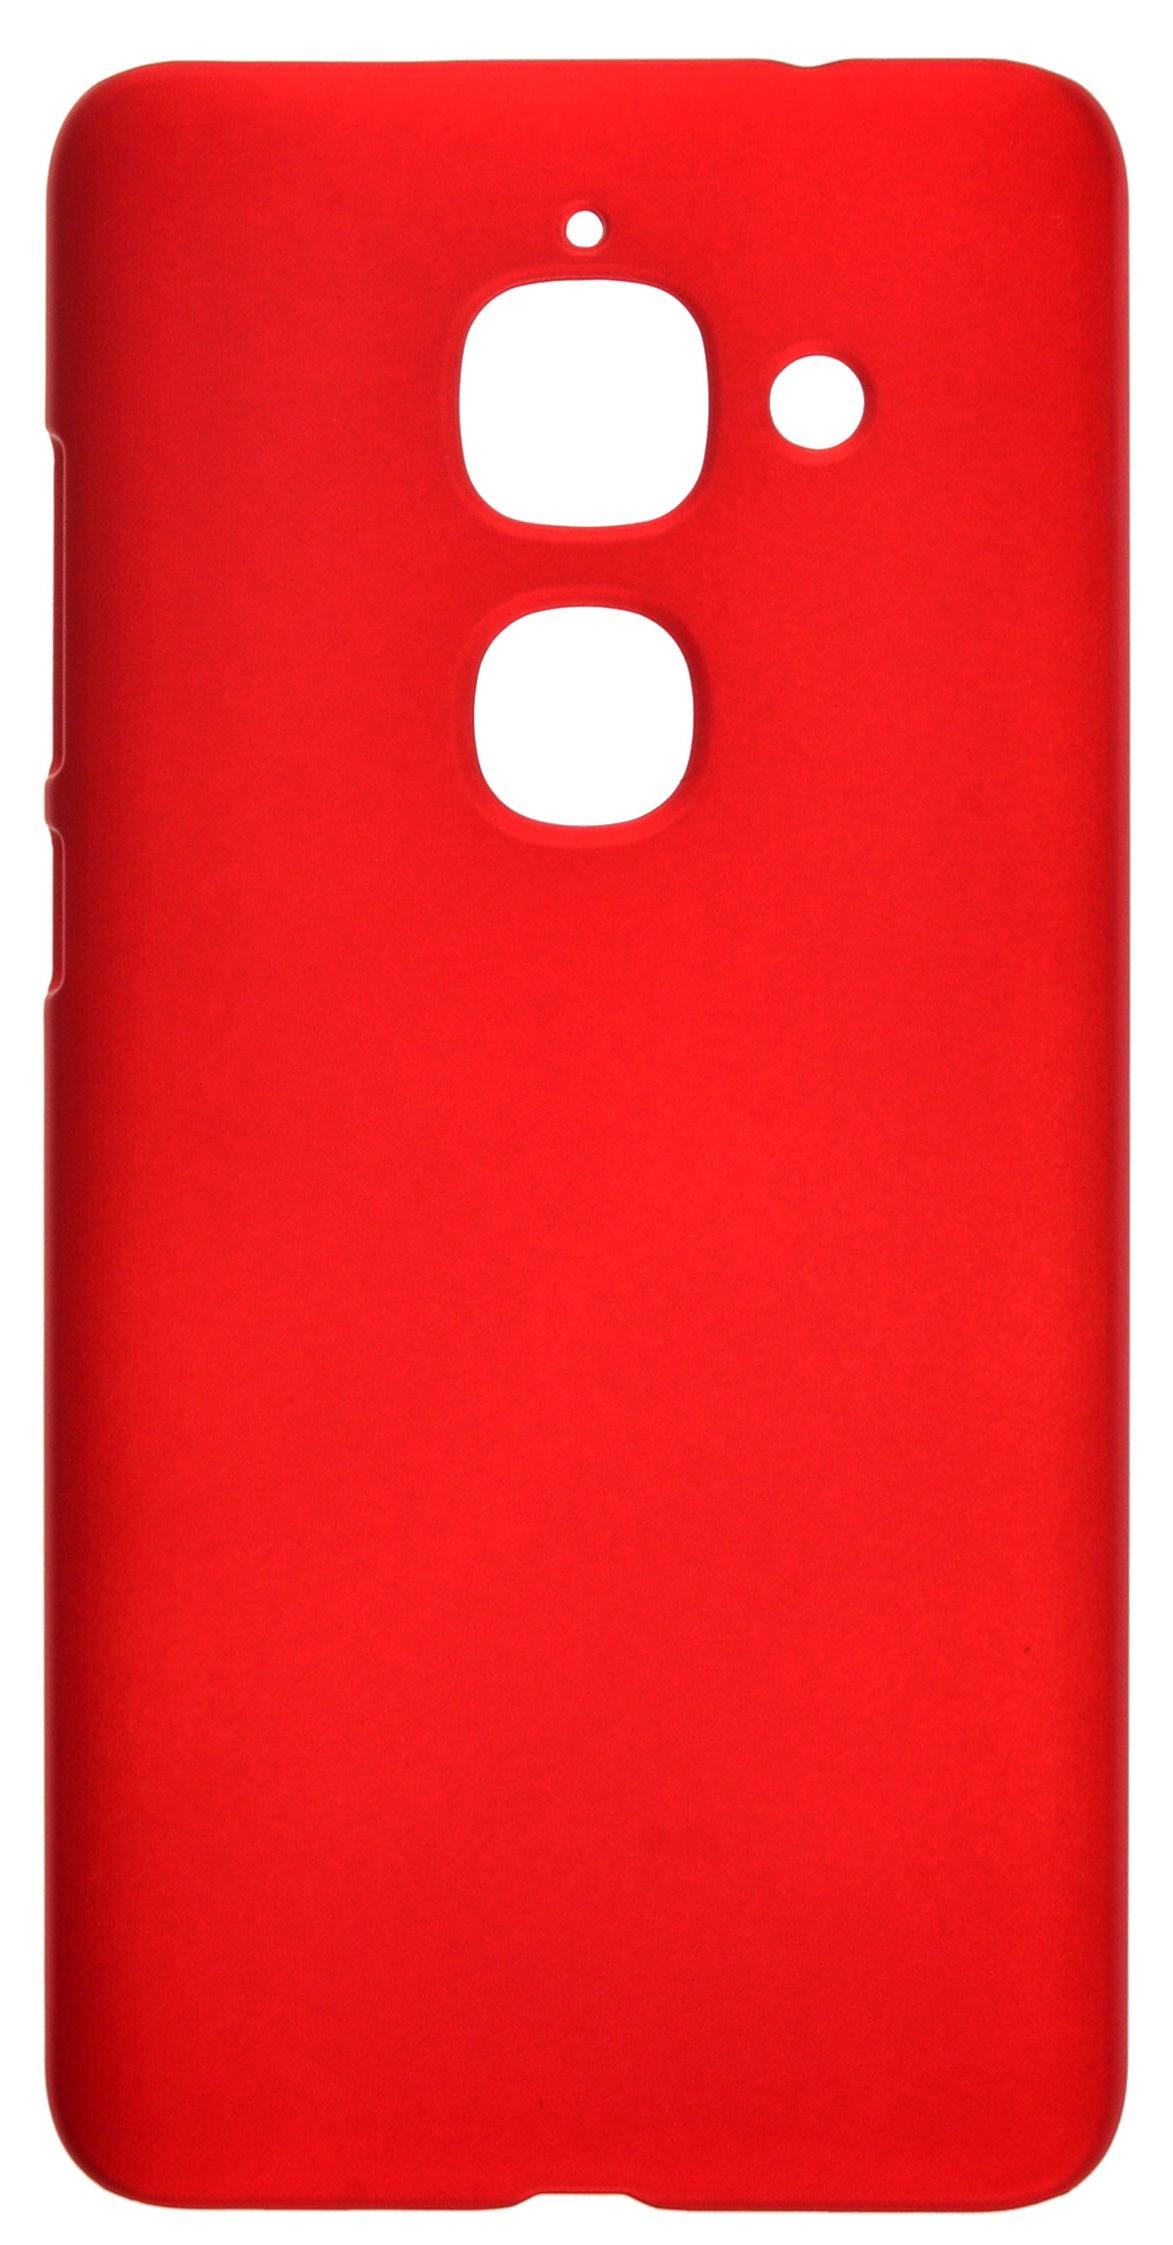 Чехол для сотового телефона skinBOX 4People, 4660041407716, красный